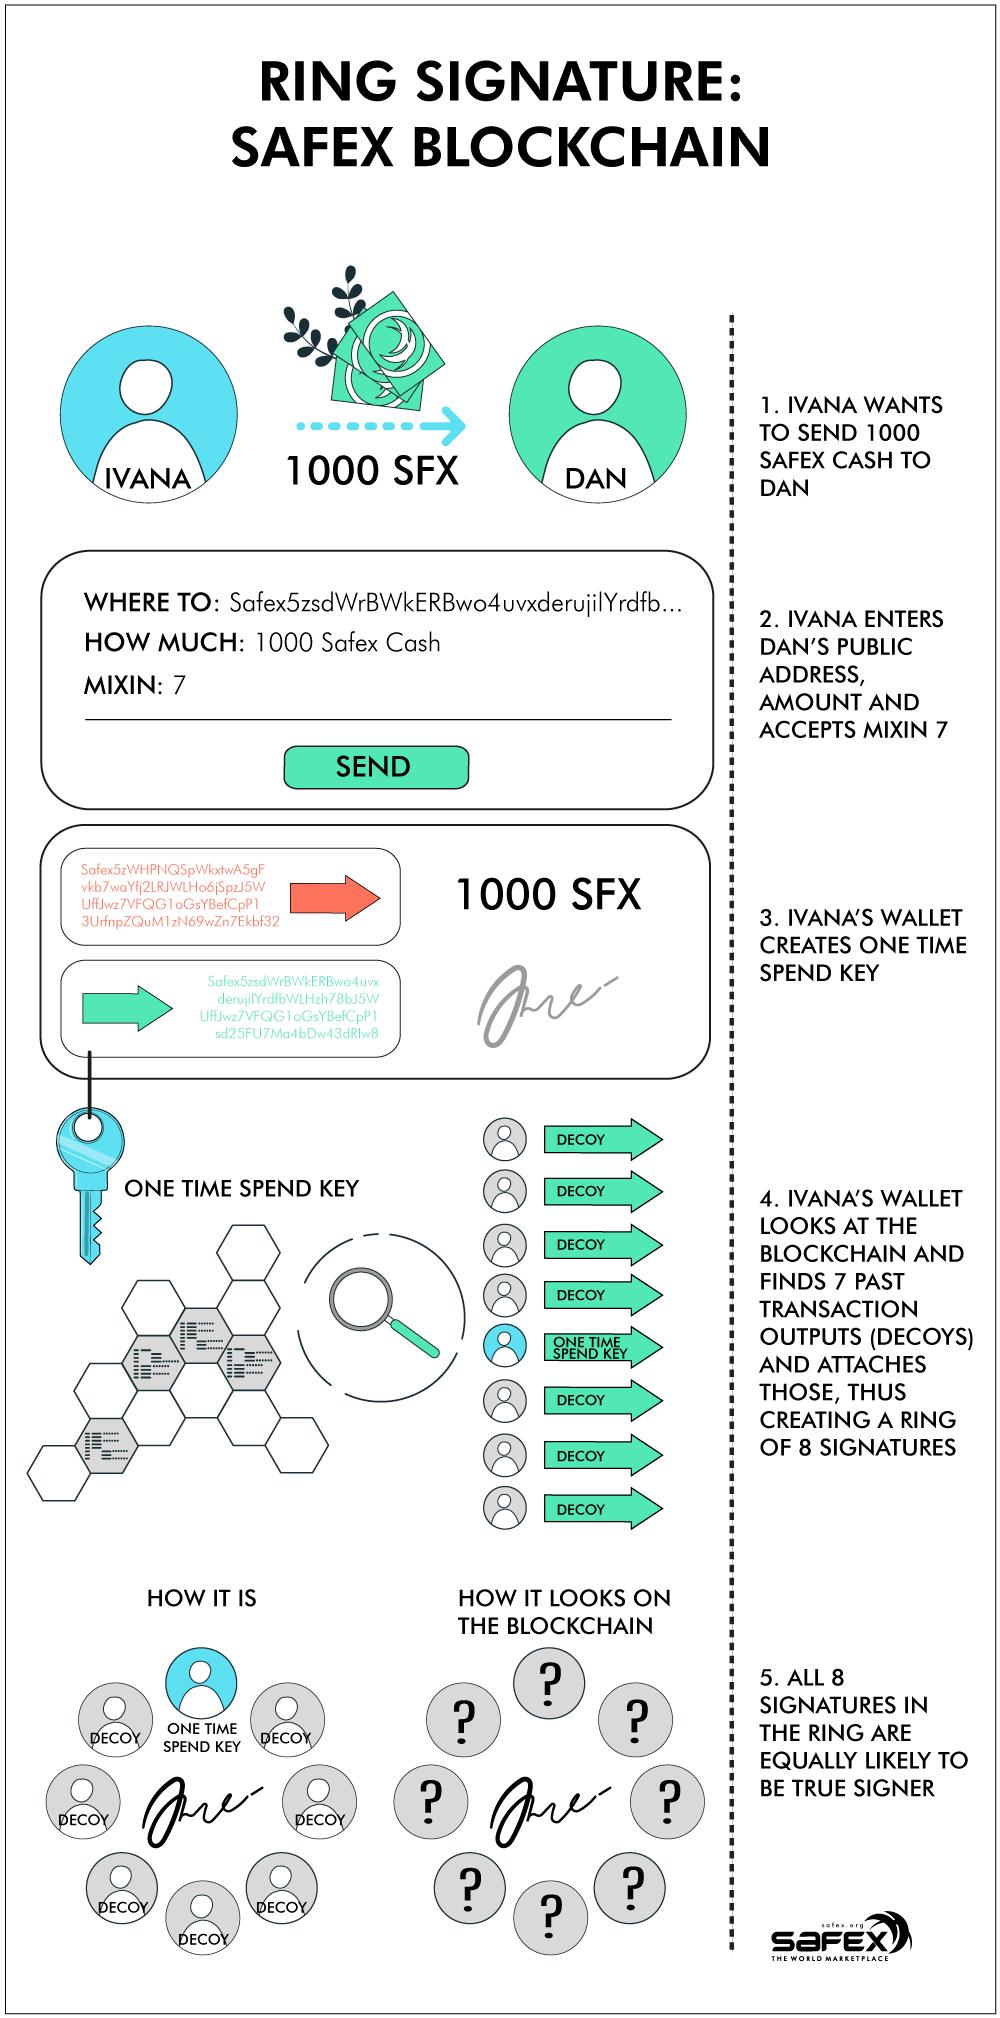 Ring Signature: Safex Blockchain